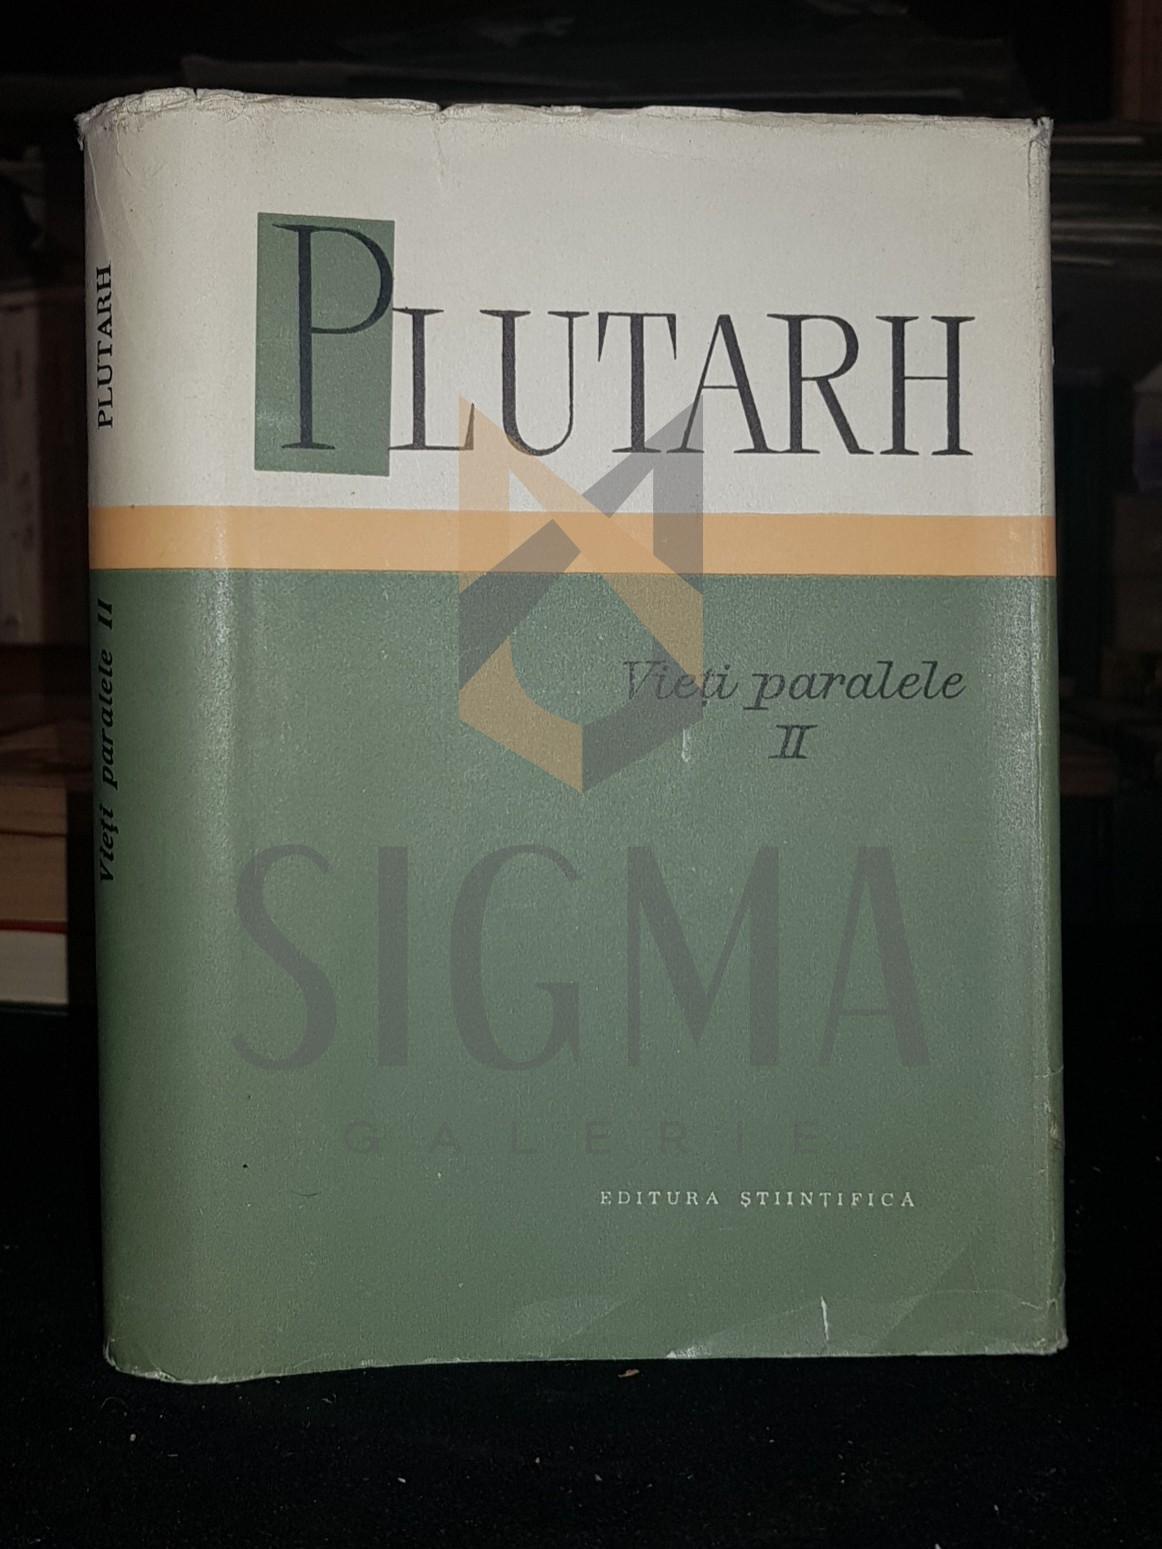 PLUTARH